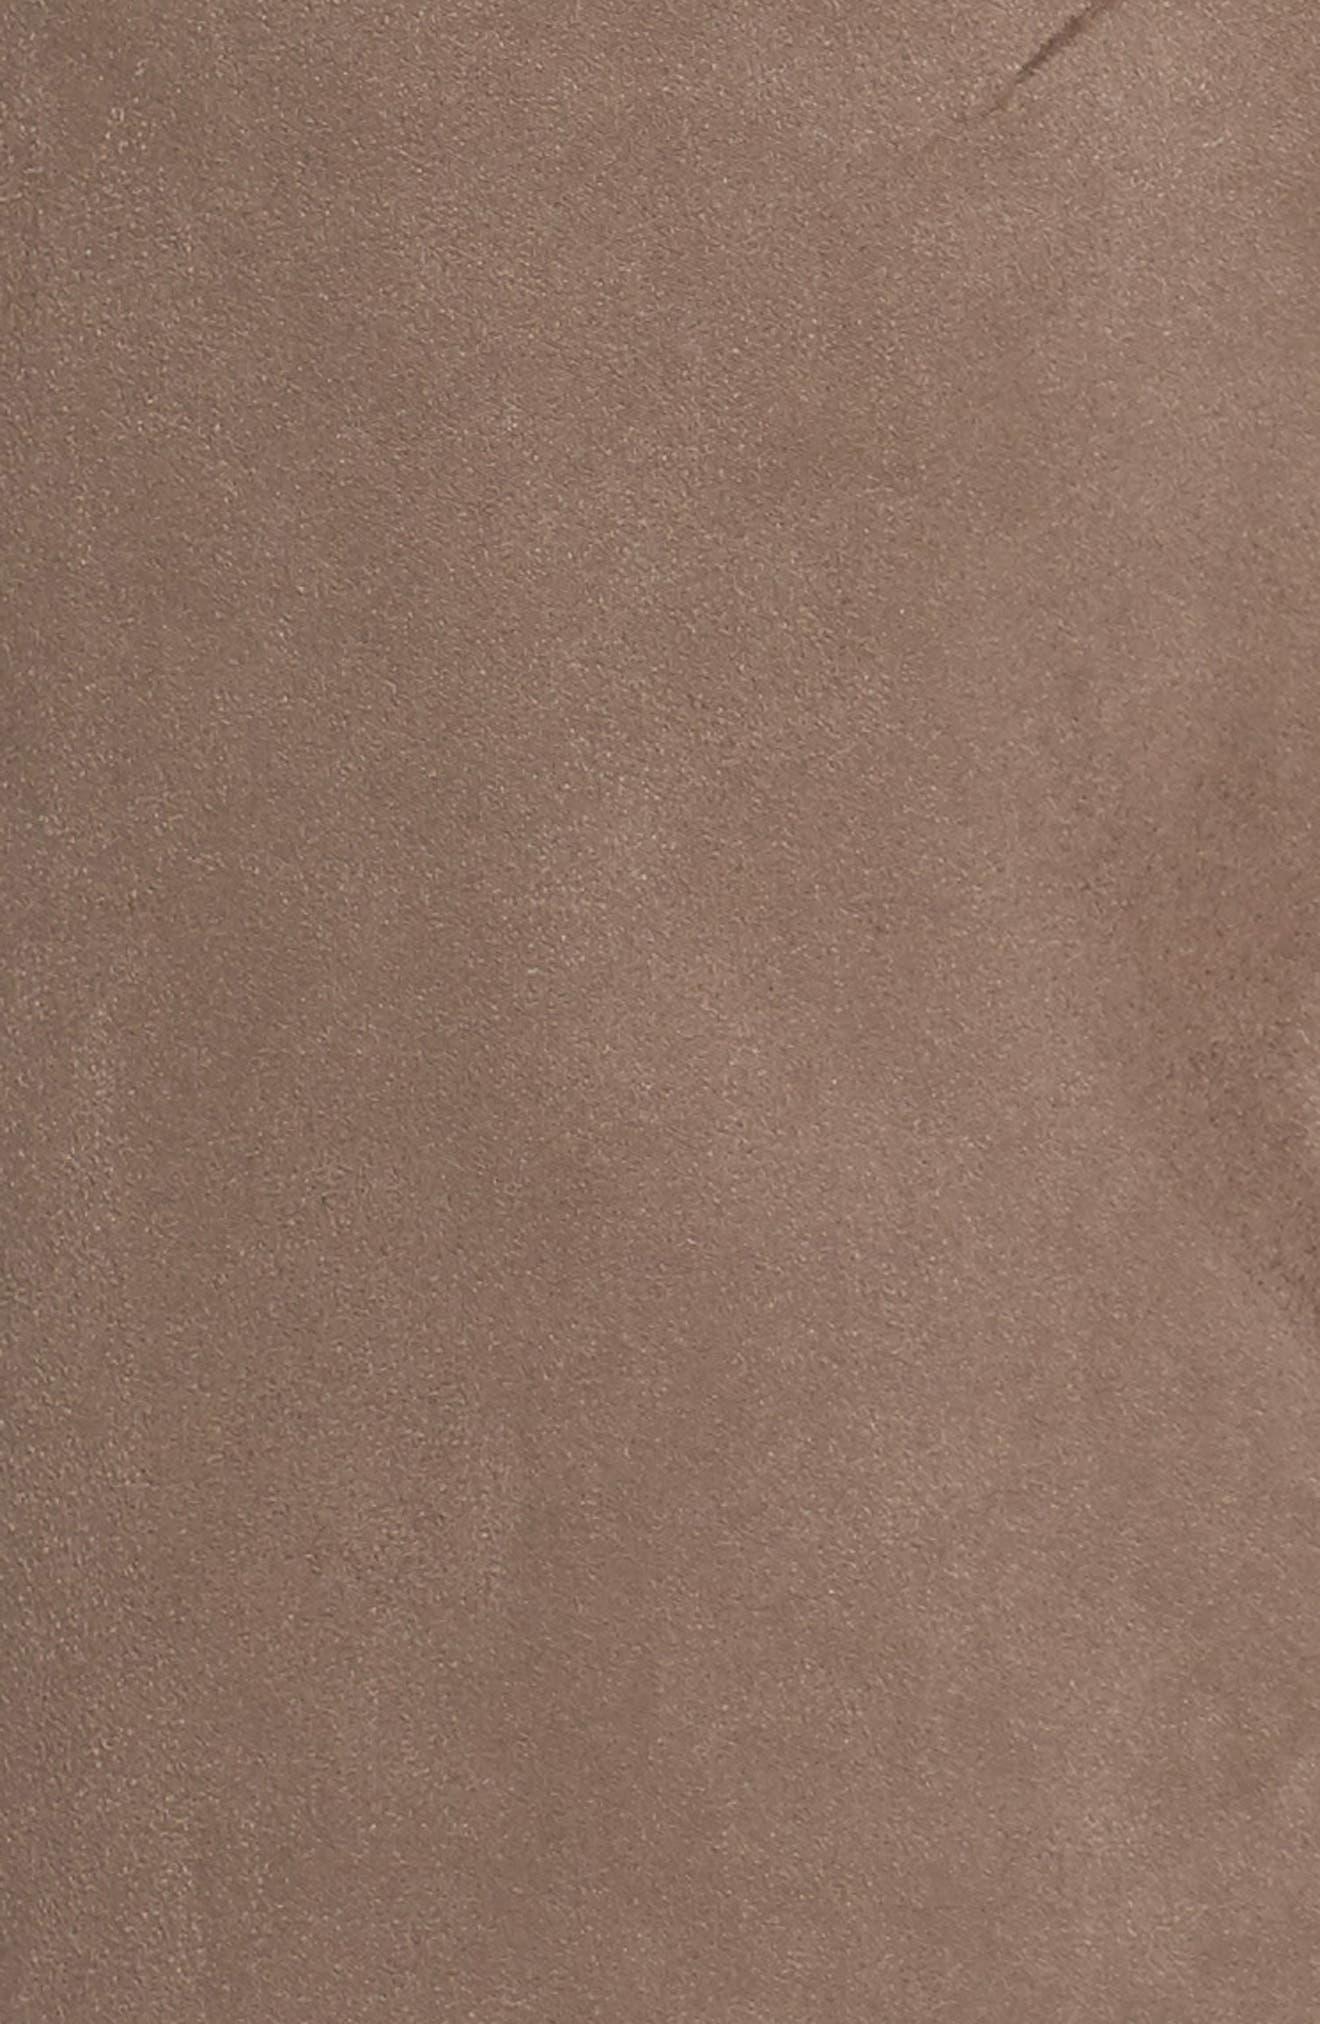 Rosa Faux Suede Knit Pants,                             Alternate thumbnail 5, color,                             Dark Beige